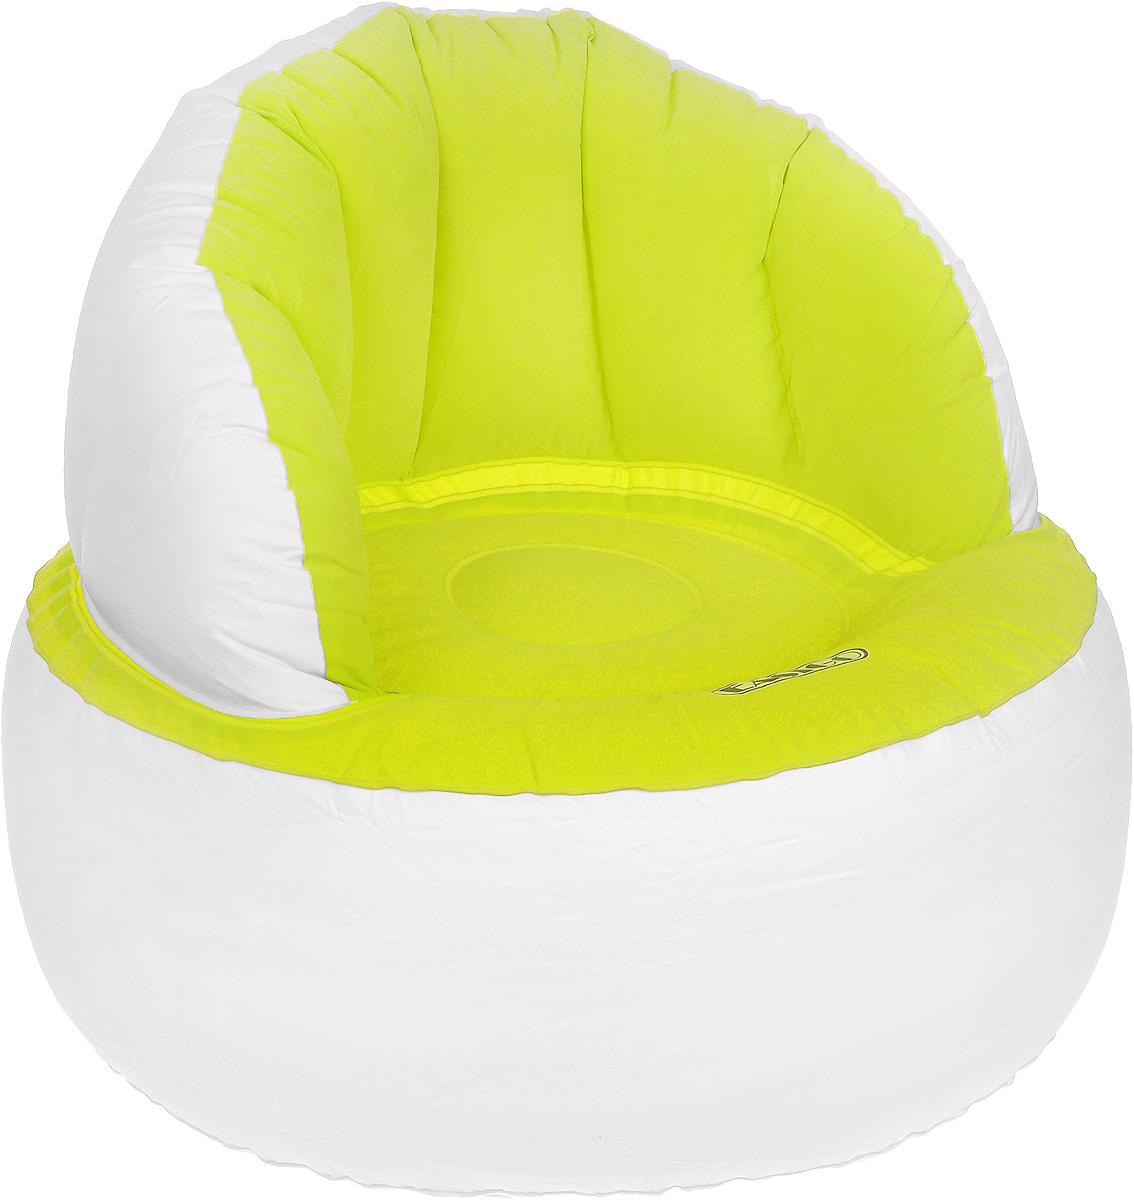 Кресло надувное Jilong Easigo Chair, цвет: салатовый, белый, 85 х 85 х 74 смJL037265NКресло надувное Jilong Easigo Chair выполнено из высококачественного винила с велюровым покрытием. Отлично подойдет для использования дома или в офисе.Особенности кресла:Водоотталкивающее флоковое покрытие. Специальная конструкция с хорошей поддержкой не только спины, но и поясницы Самоклеящаяся заплатка прилагается.Сдержанный дизайн, нейтральные цвета подходят к любому интерьеру и делают надувное кресло отличным выбором.Кресло поставляется в сдутом виде.